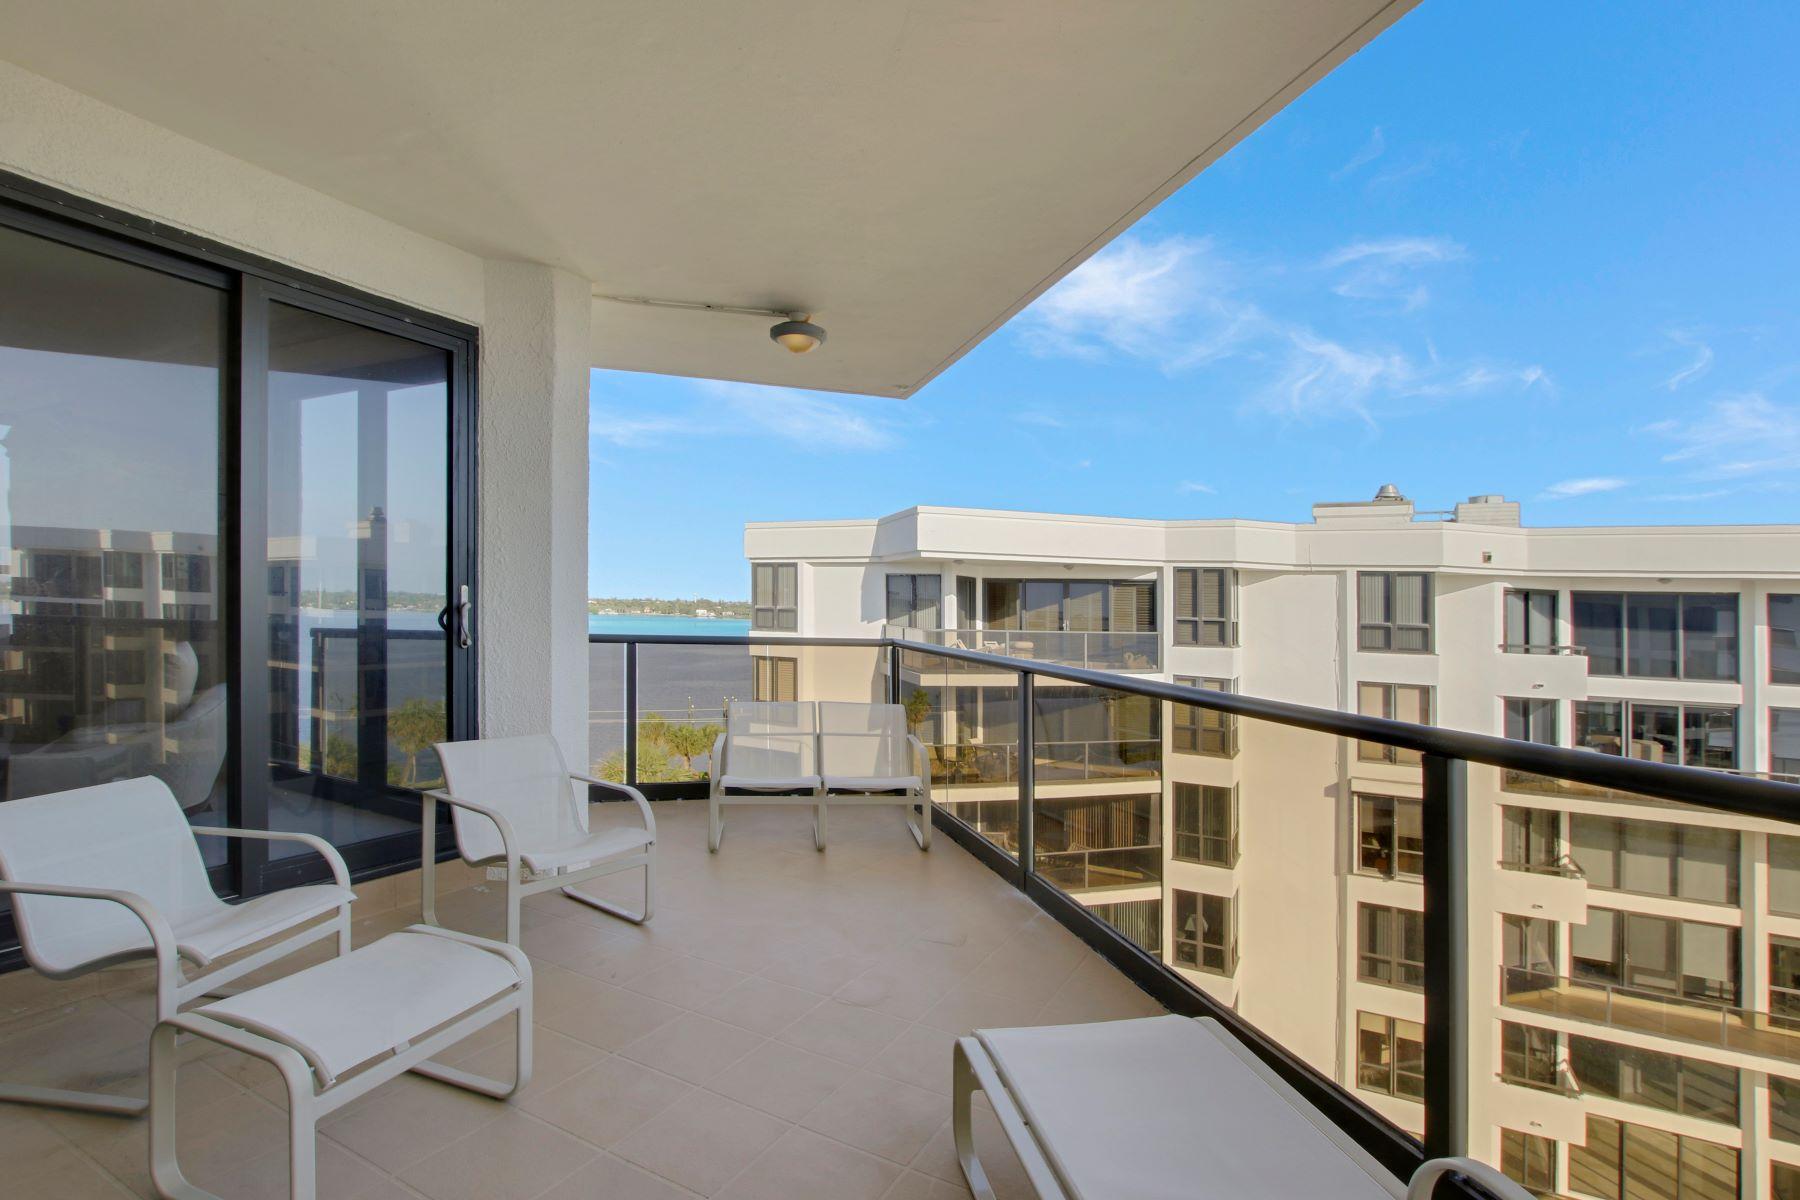 3120 S Ocean Boulevard 3120 S Ocean Boulevard 1602, Palm Beach, Florida 33480 Amerika Birleşik Devletleri